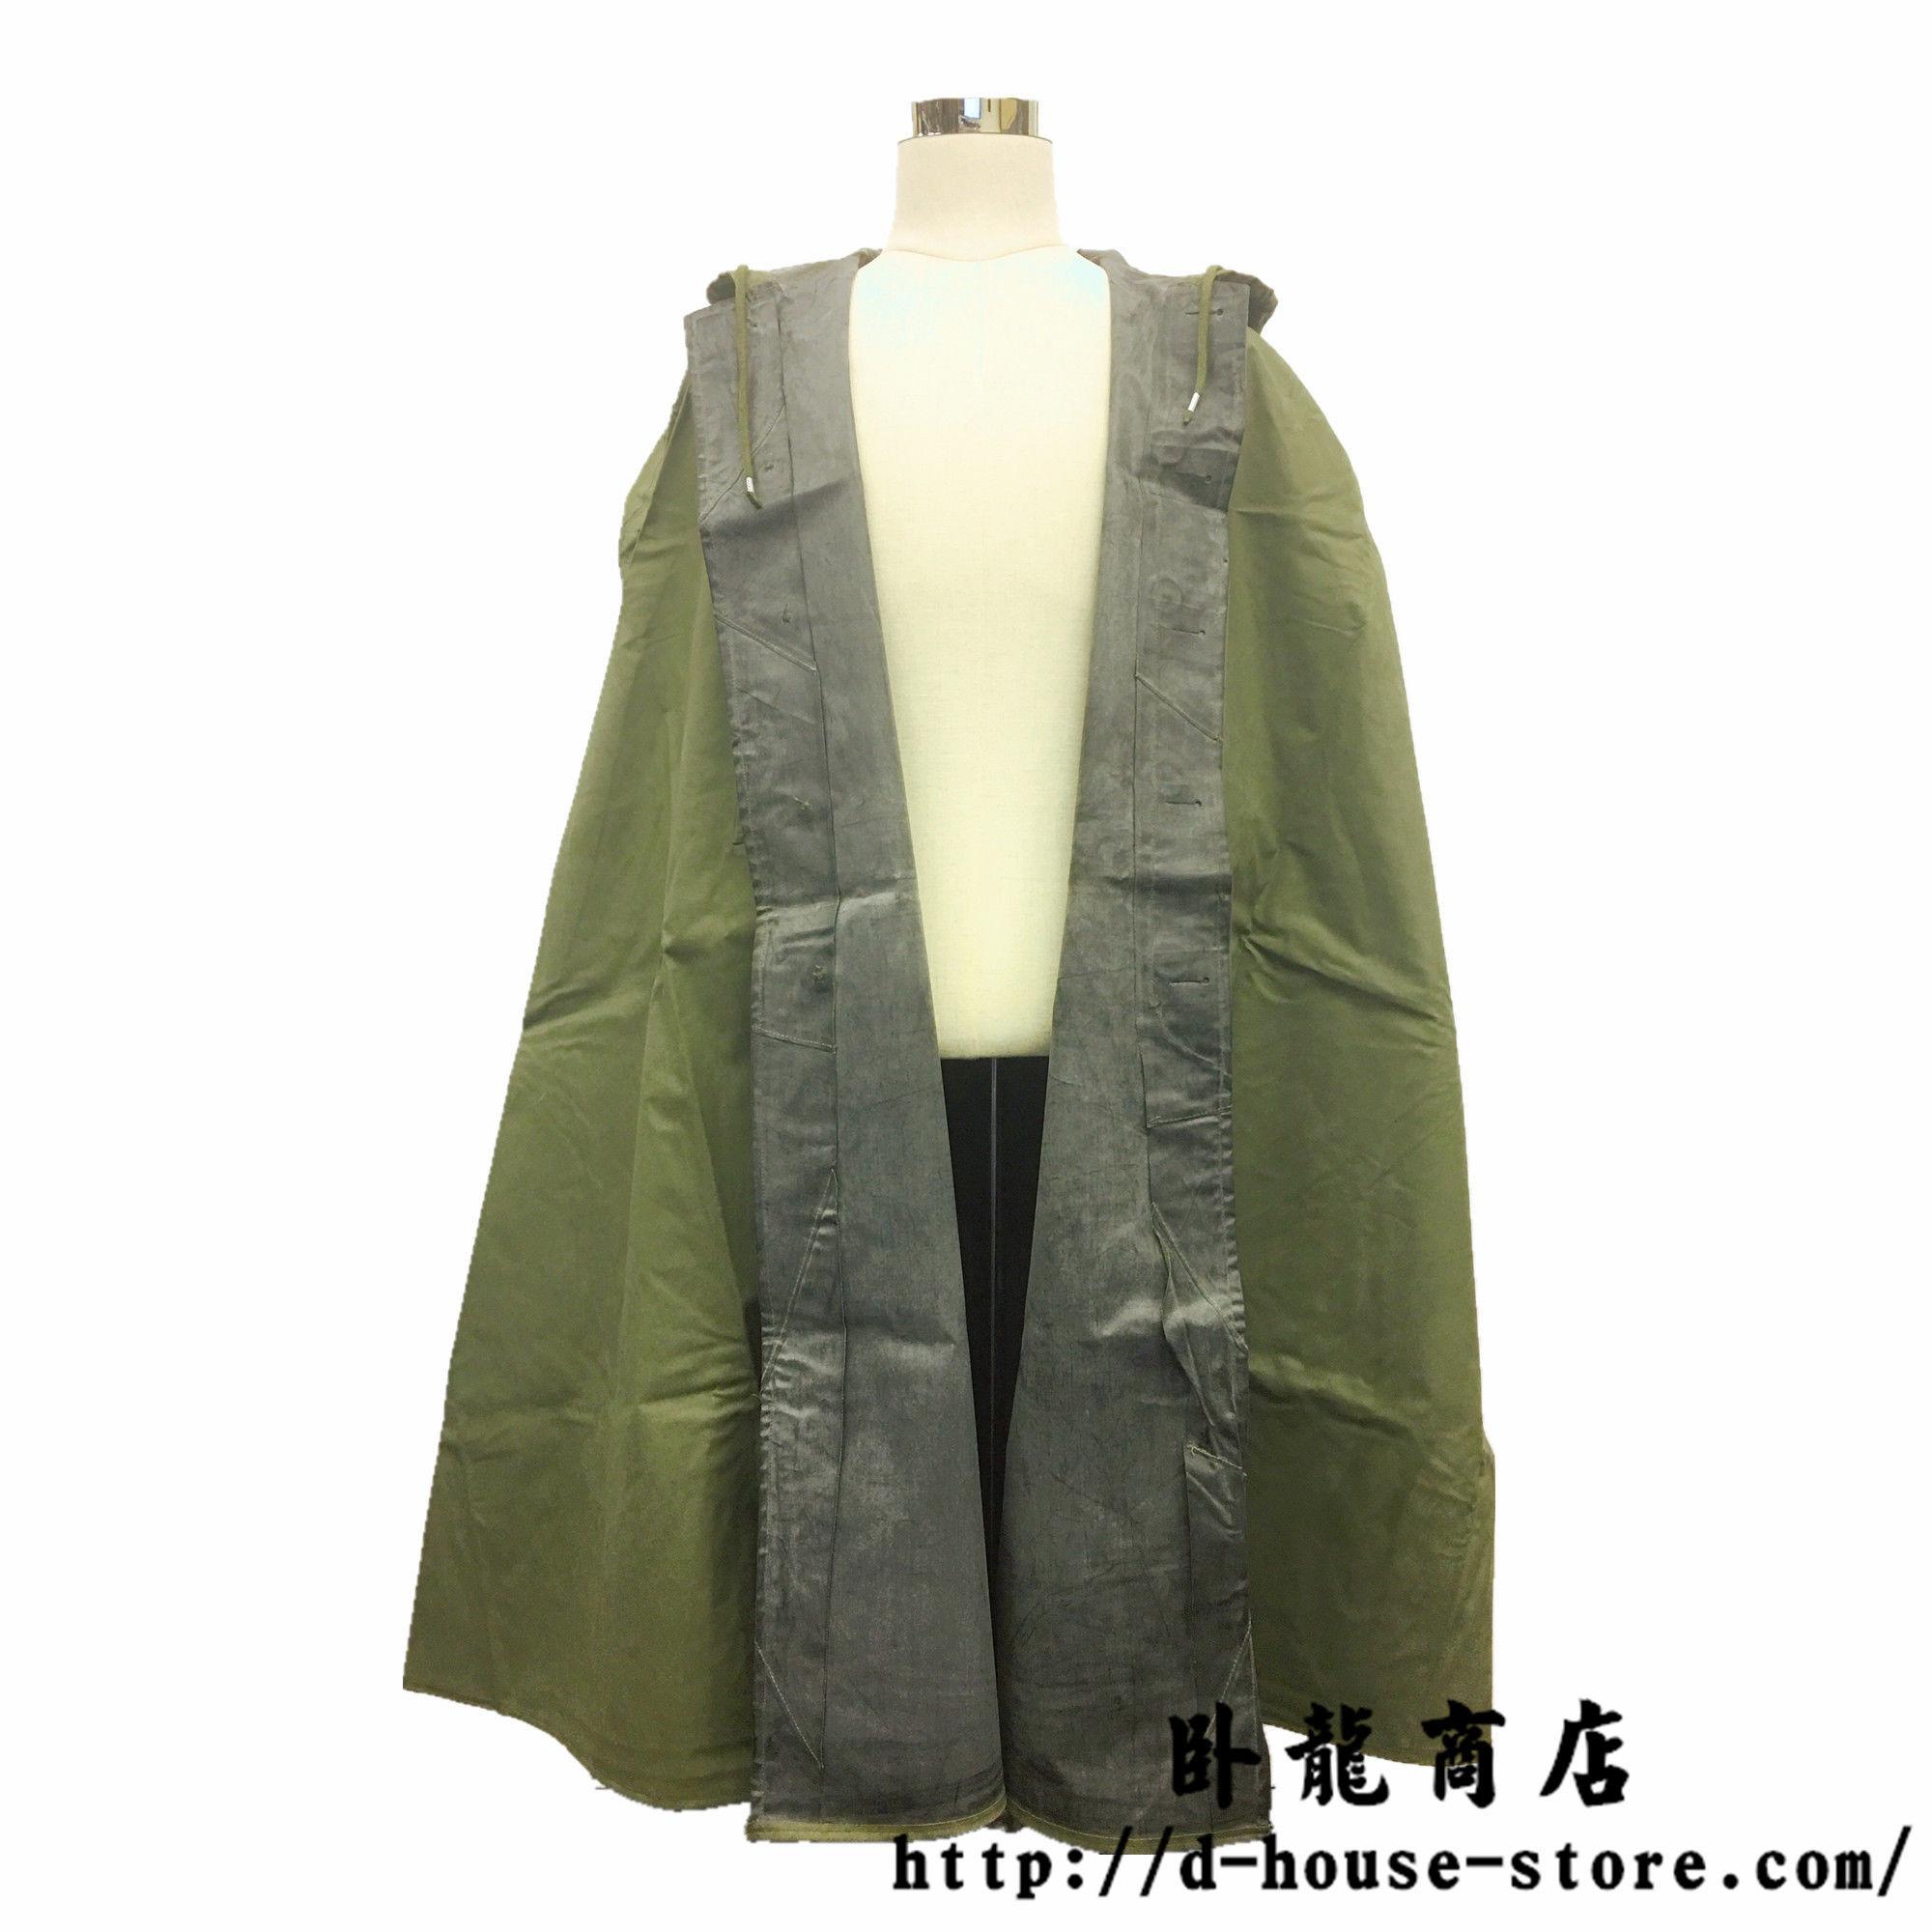 中国人民解放軍 65式騎兵用防水マント レインコート